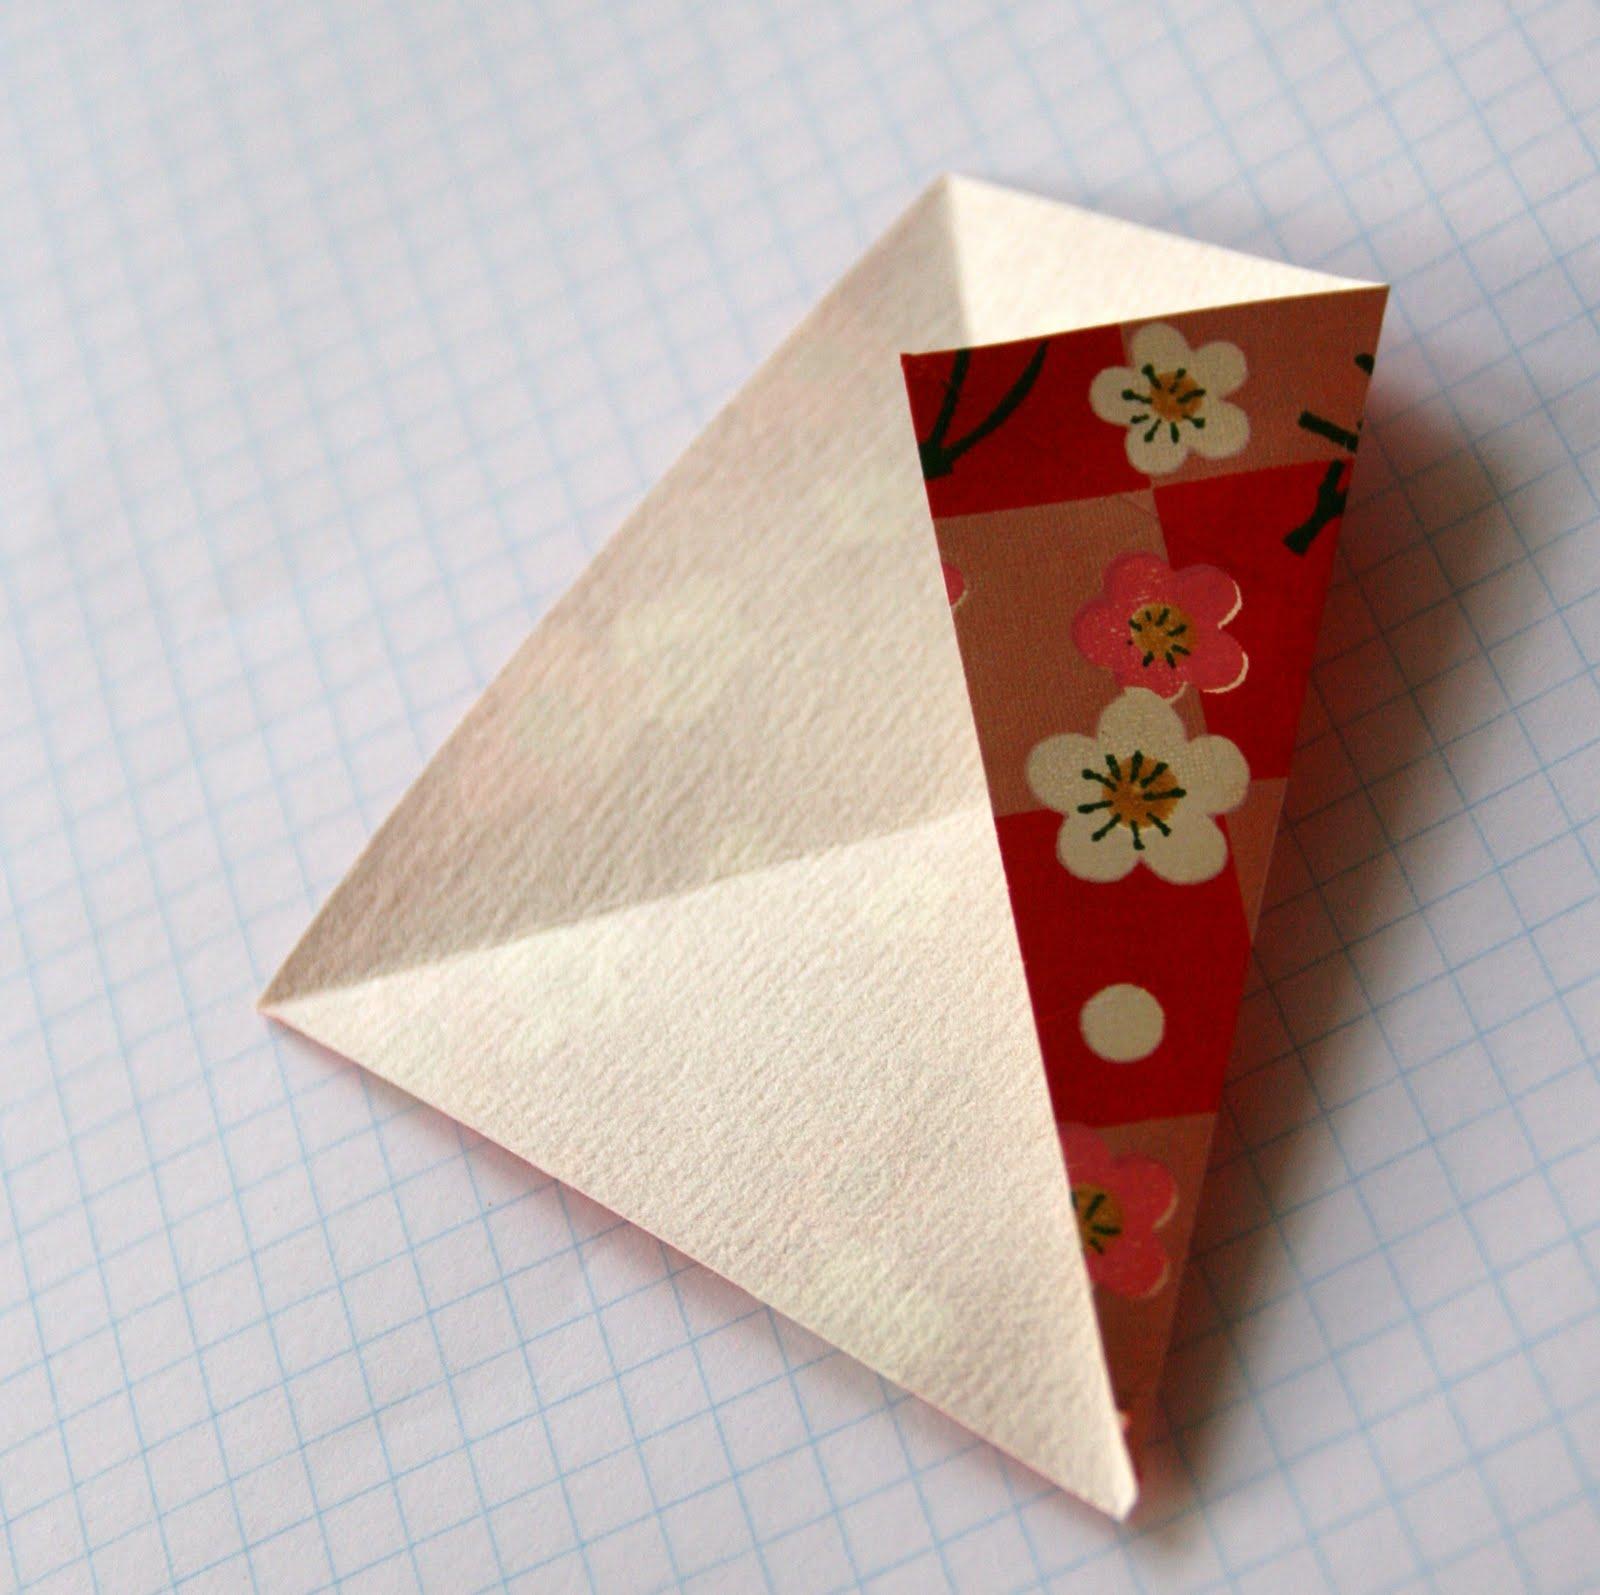 vervlogendagentutorials: Origami Valentine Garland Tutorial - photo#48